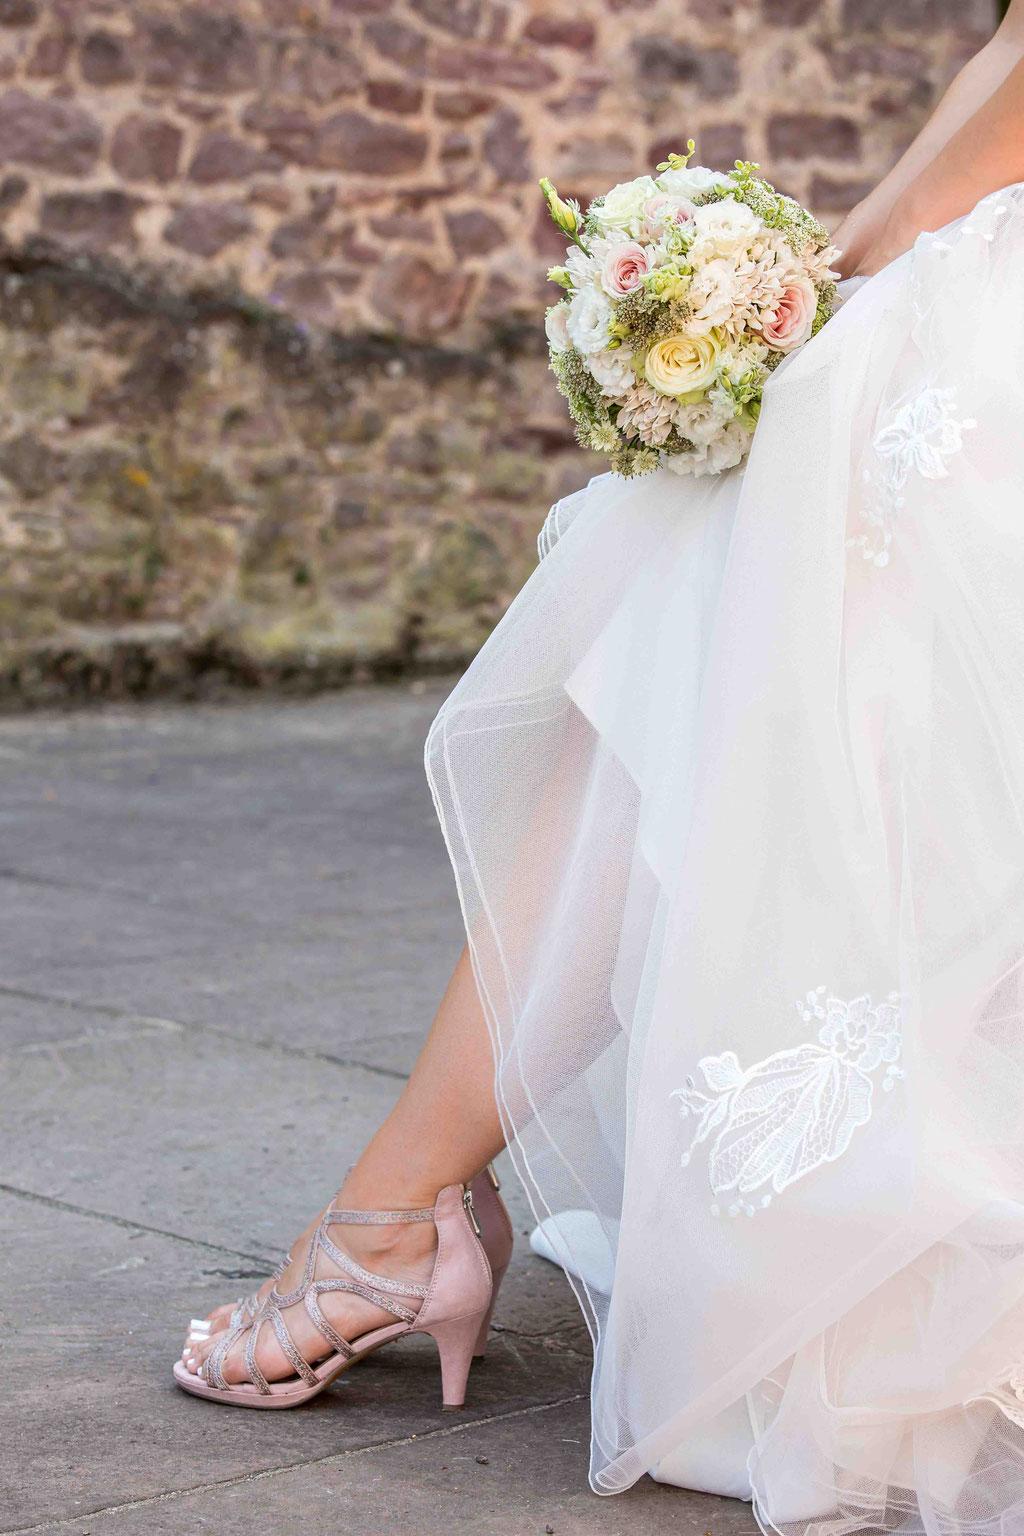 Brautkleid Bilder, Fotos vom Brautstrauß, Inszenierung Brautkleid und Brautstrauß, tolle Aufnahmen unserer Hochzeit